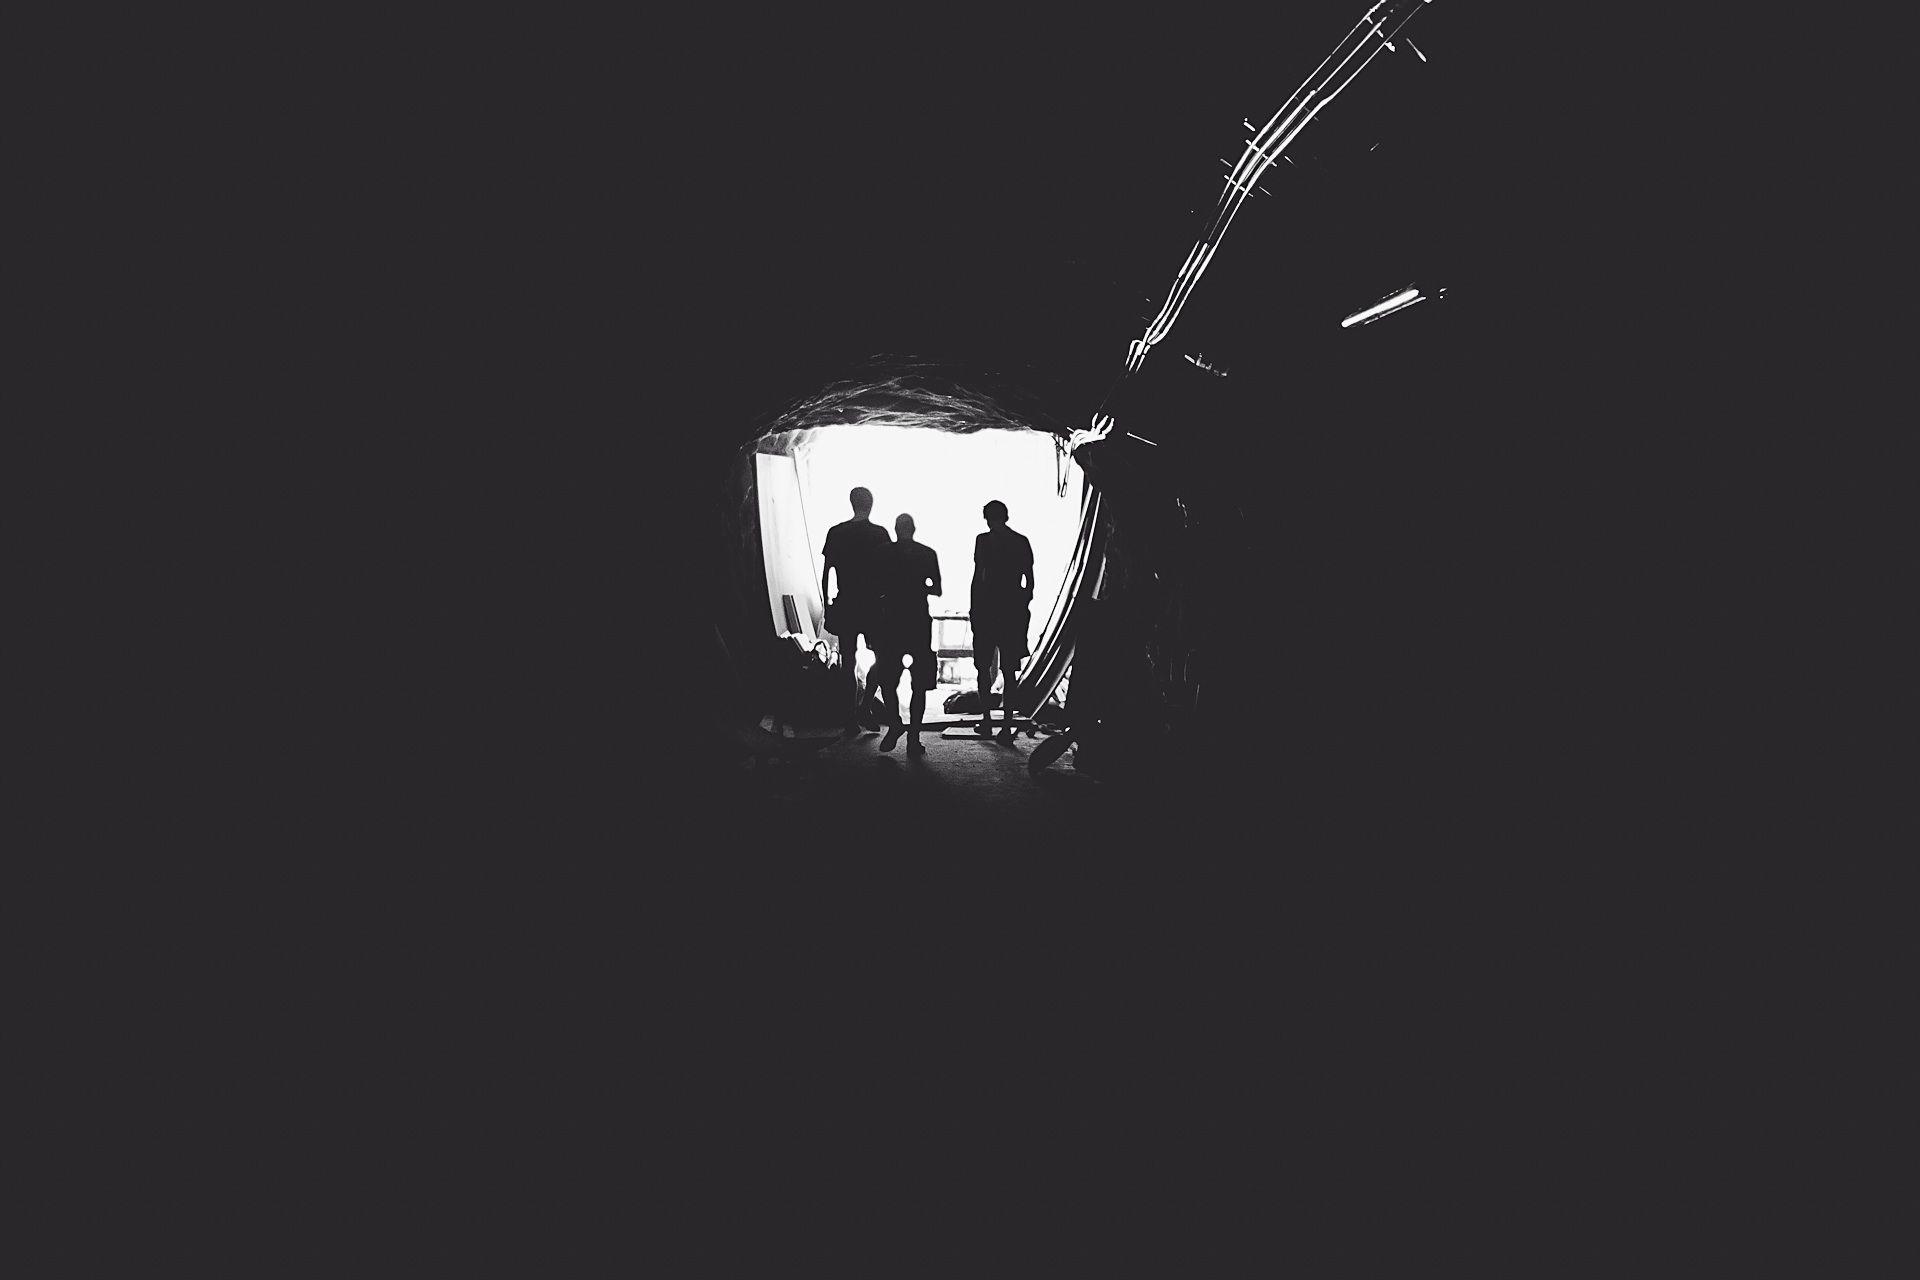 思想β 2016-「正しさ」と「答え」を求めて三千里